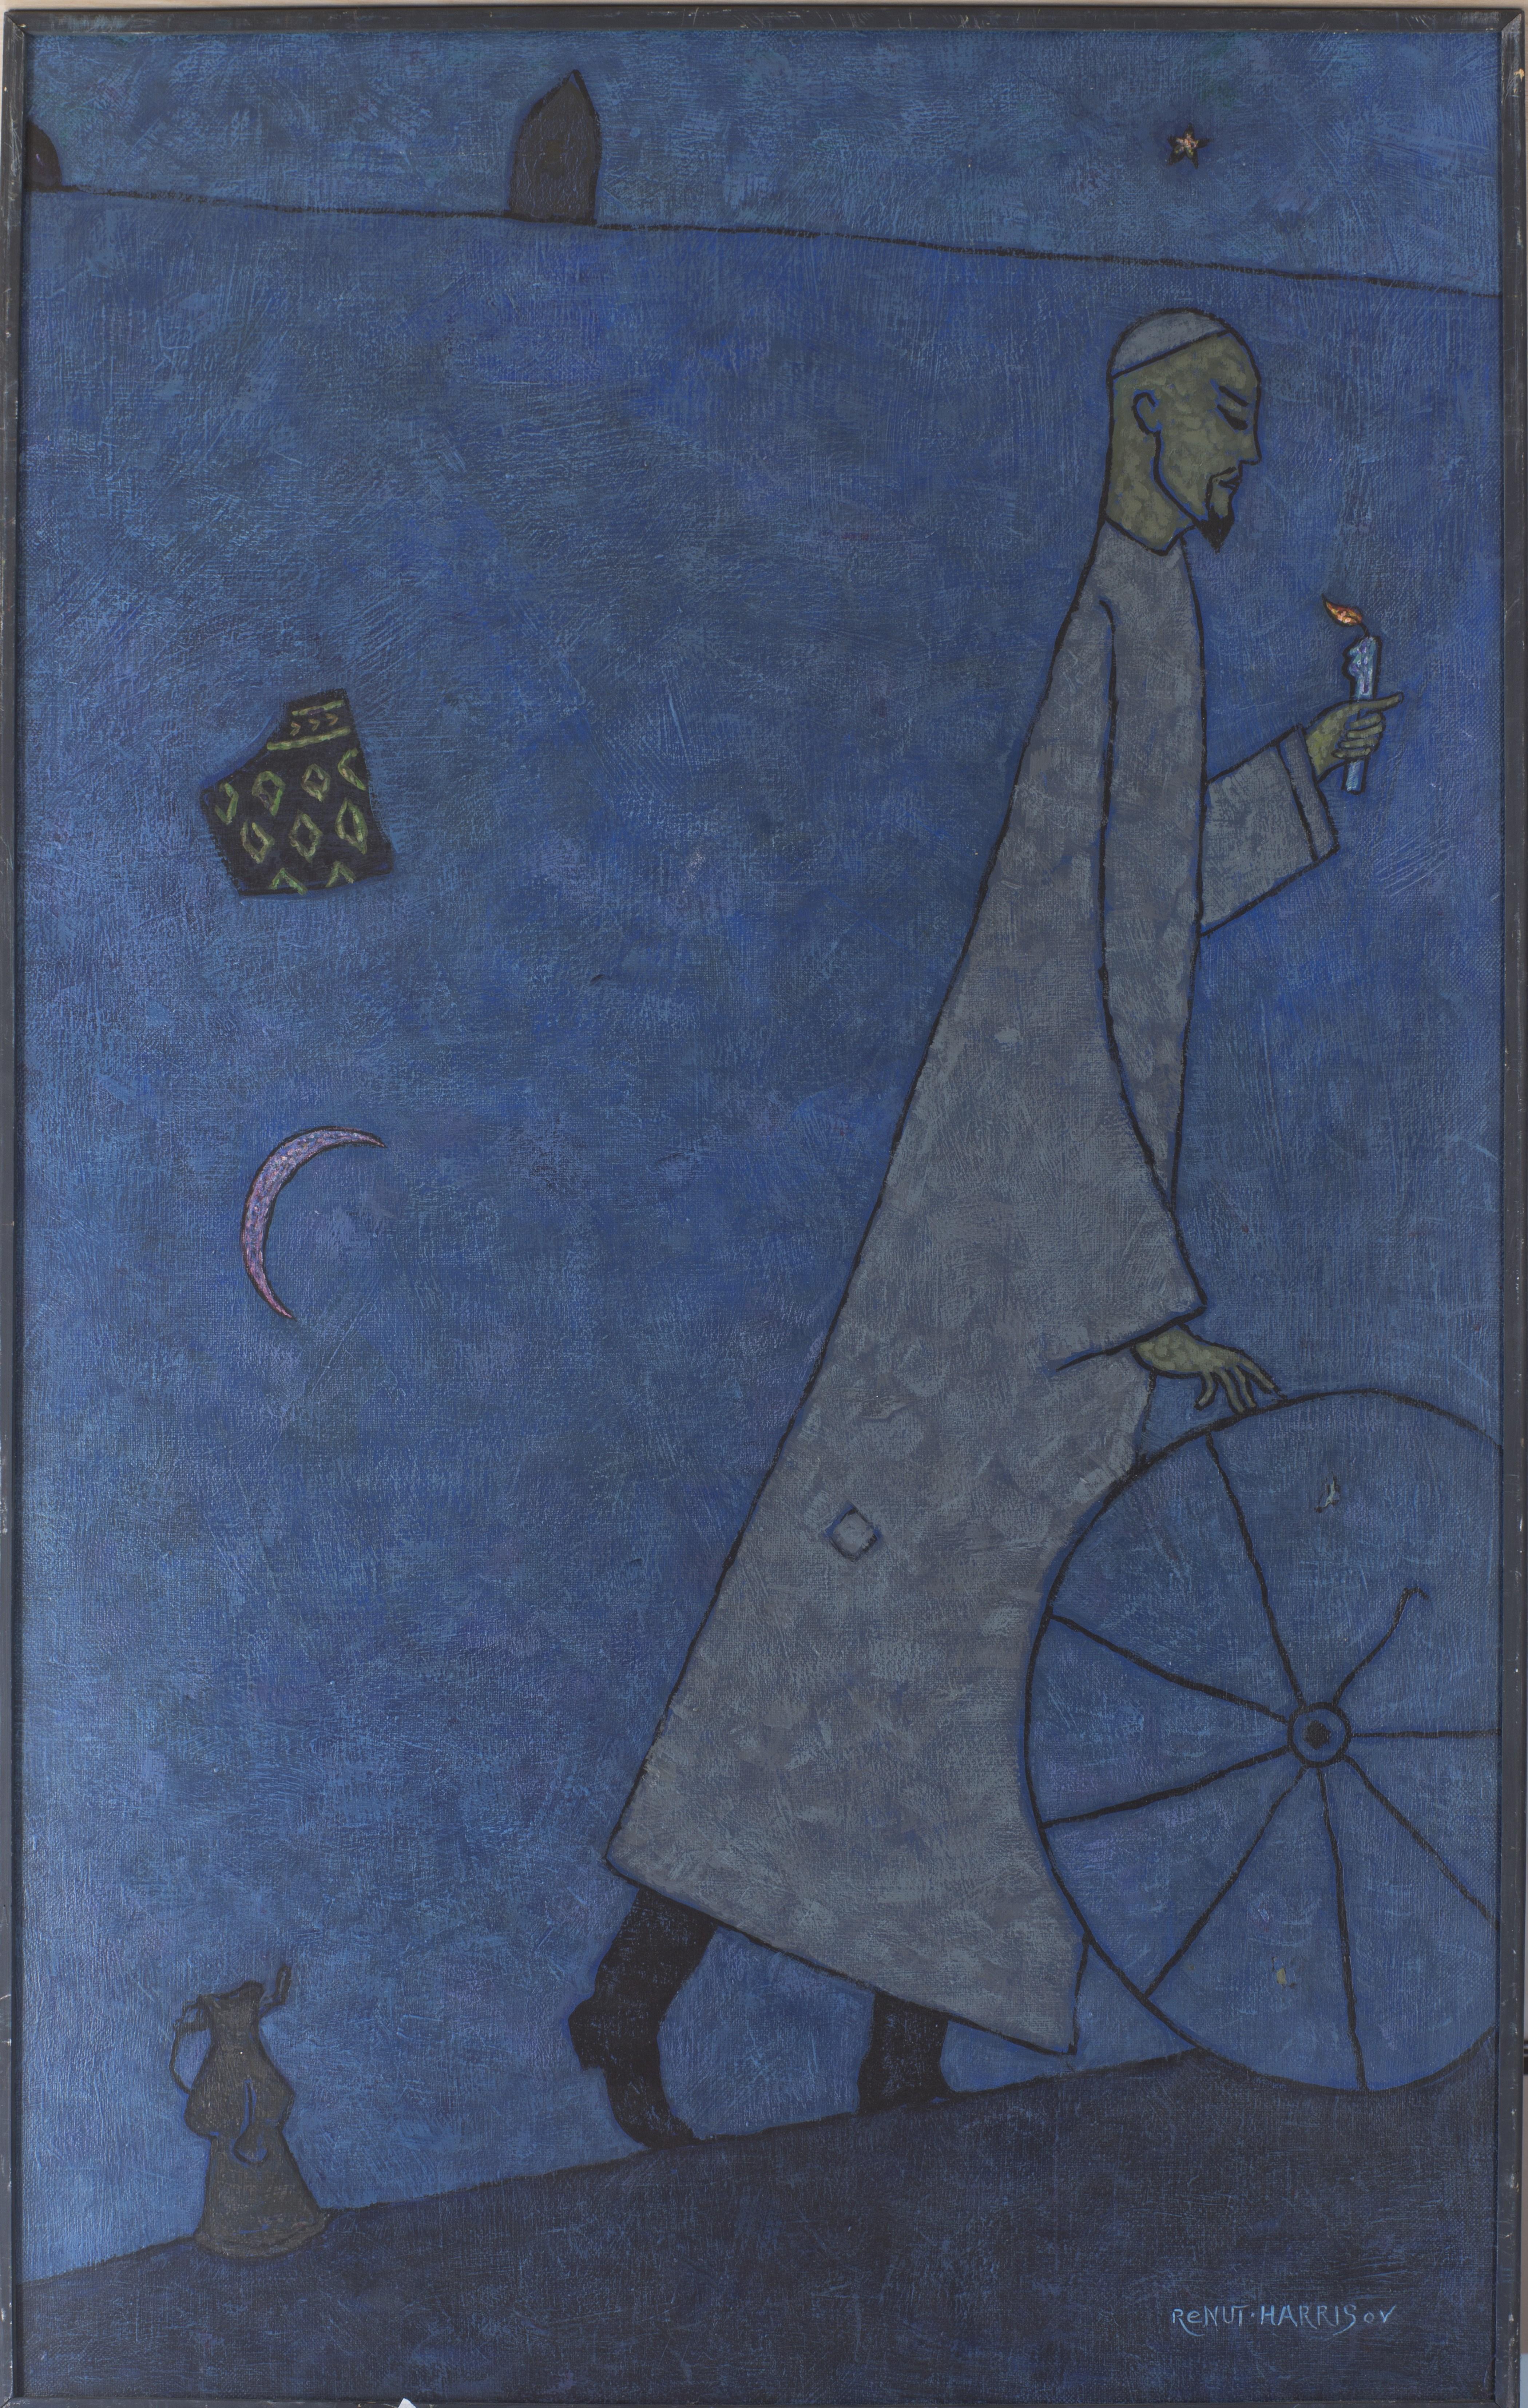 Ринат Харисов. Идущий ночью. Посвящение Акмулле. 2008. Холст, акрил. 130х81. Коллекция Фонда Марджани.jpg